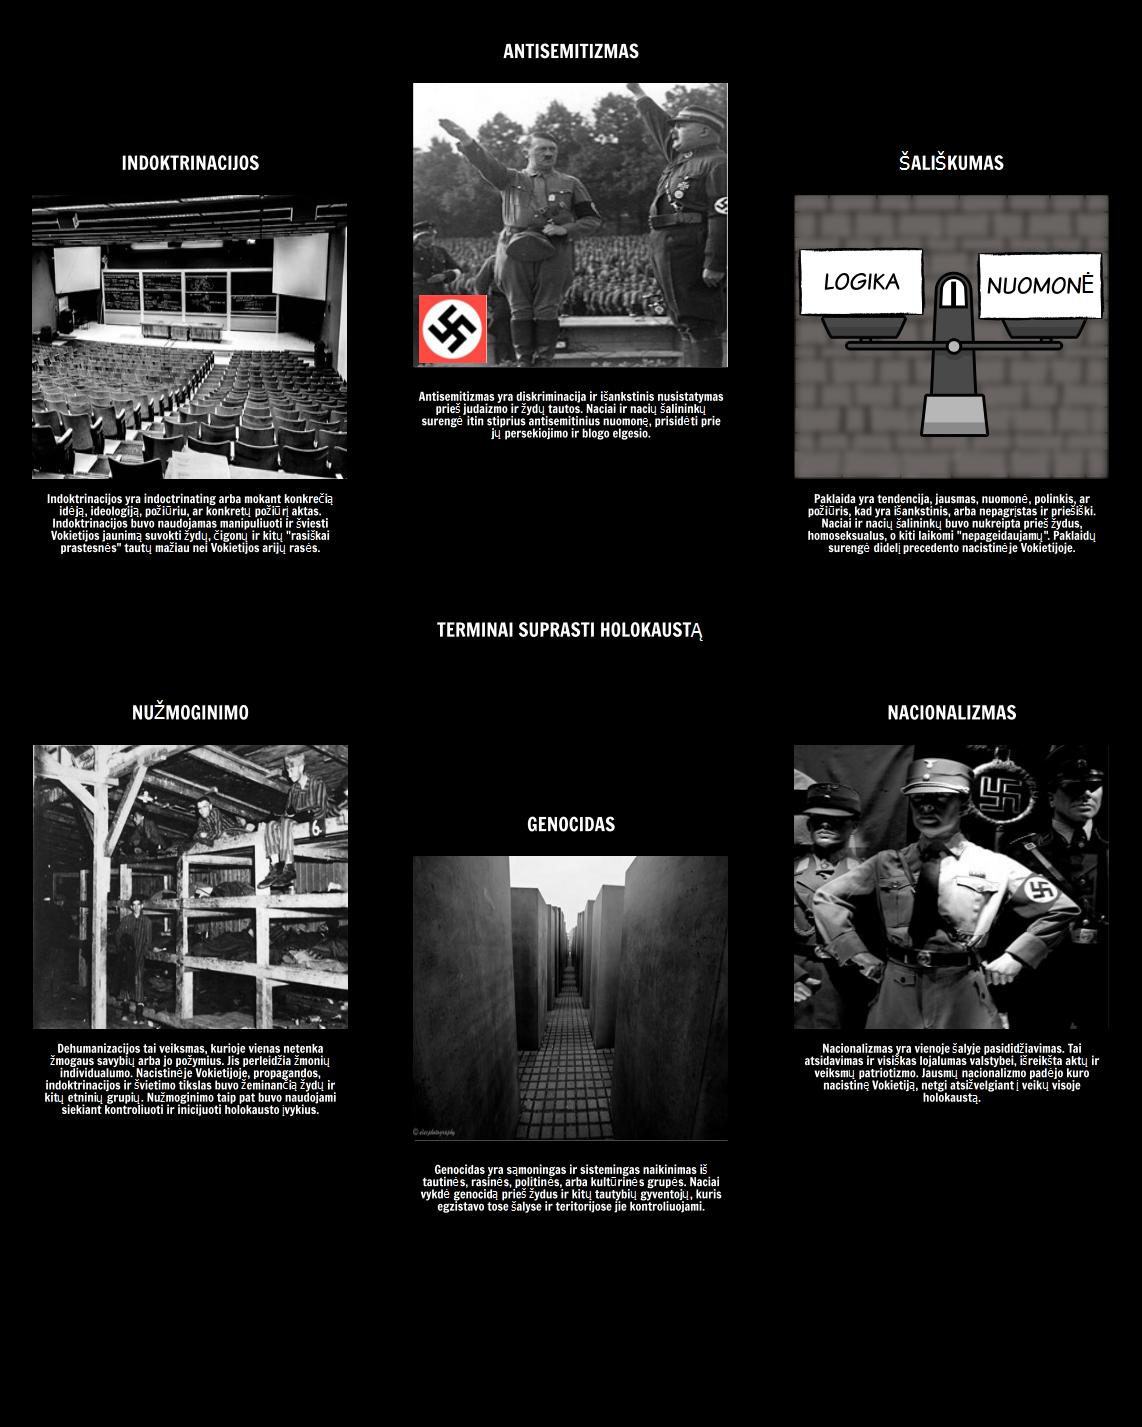 Holokausto Istorija - Terminologija Suprasti Holokaustą